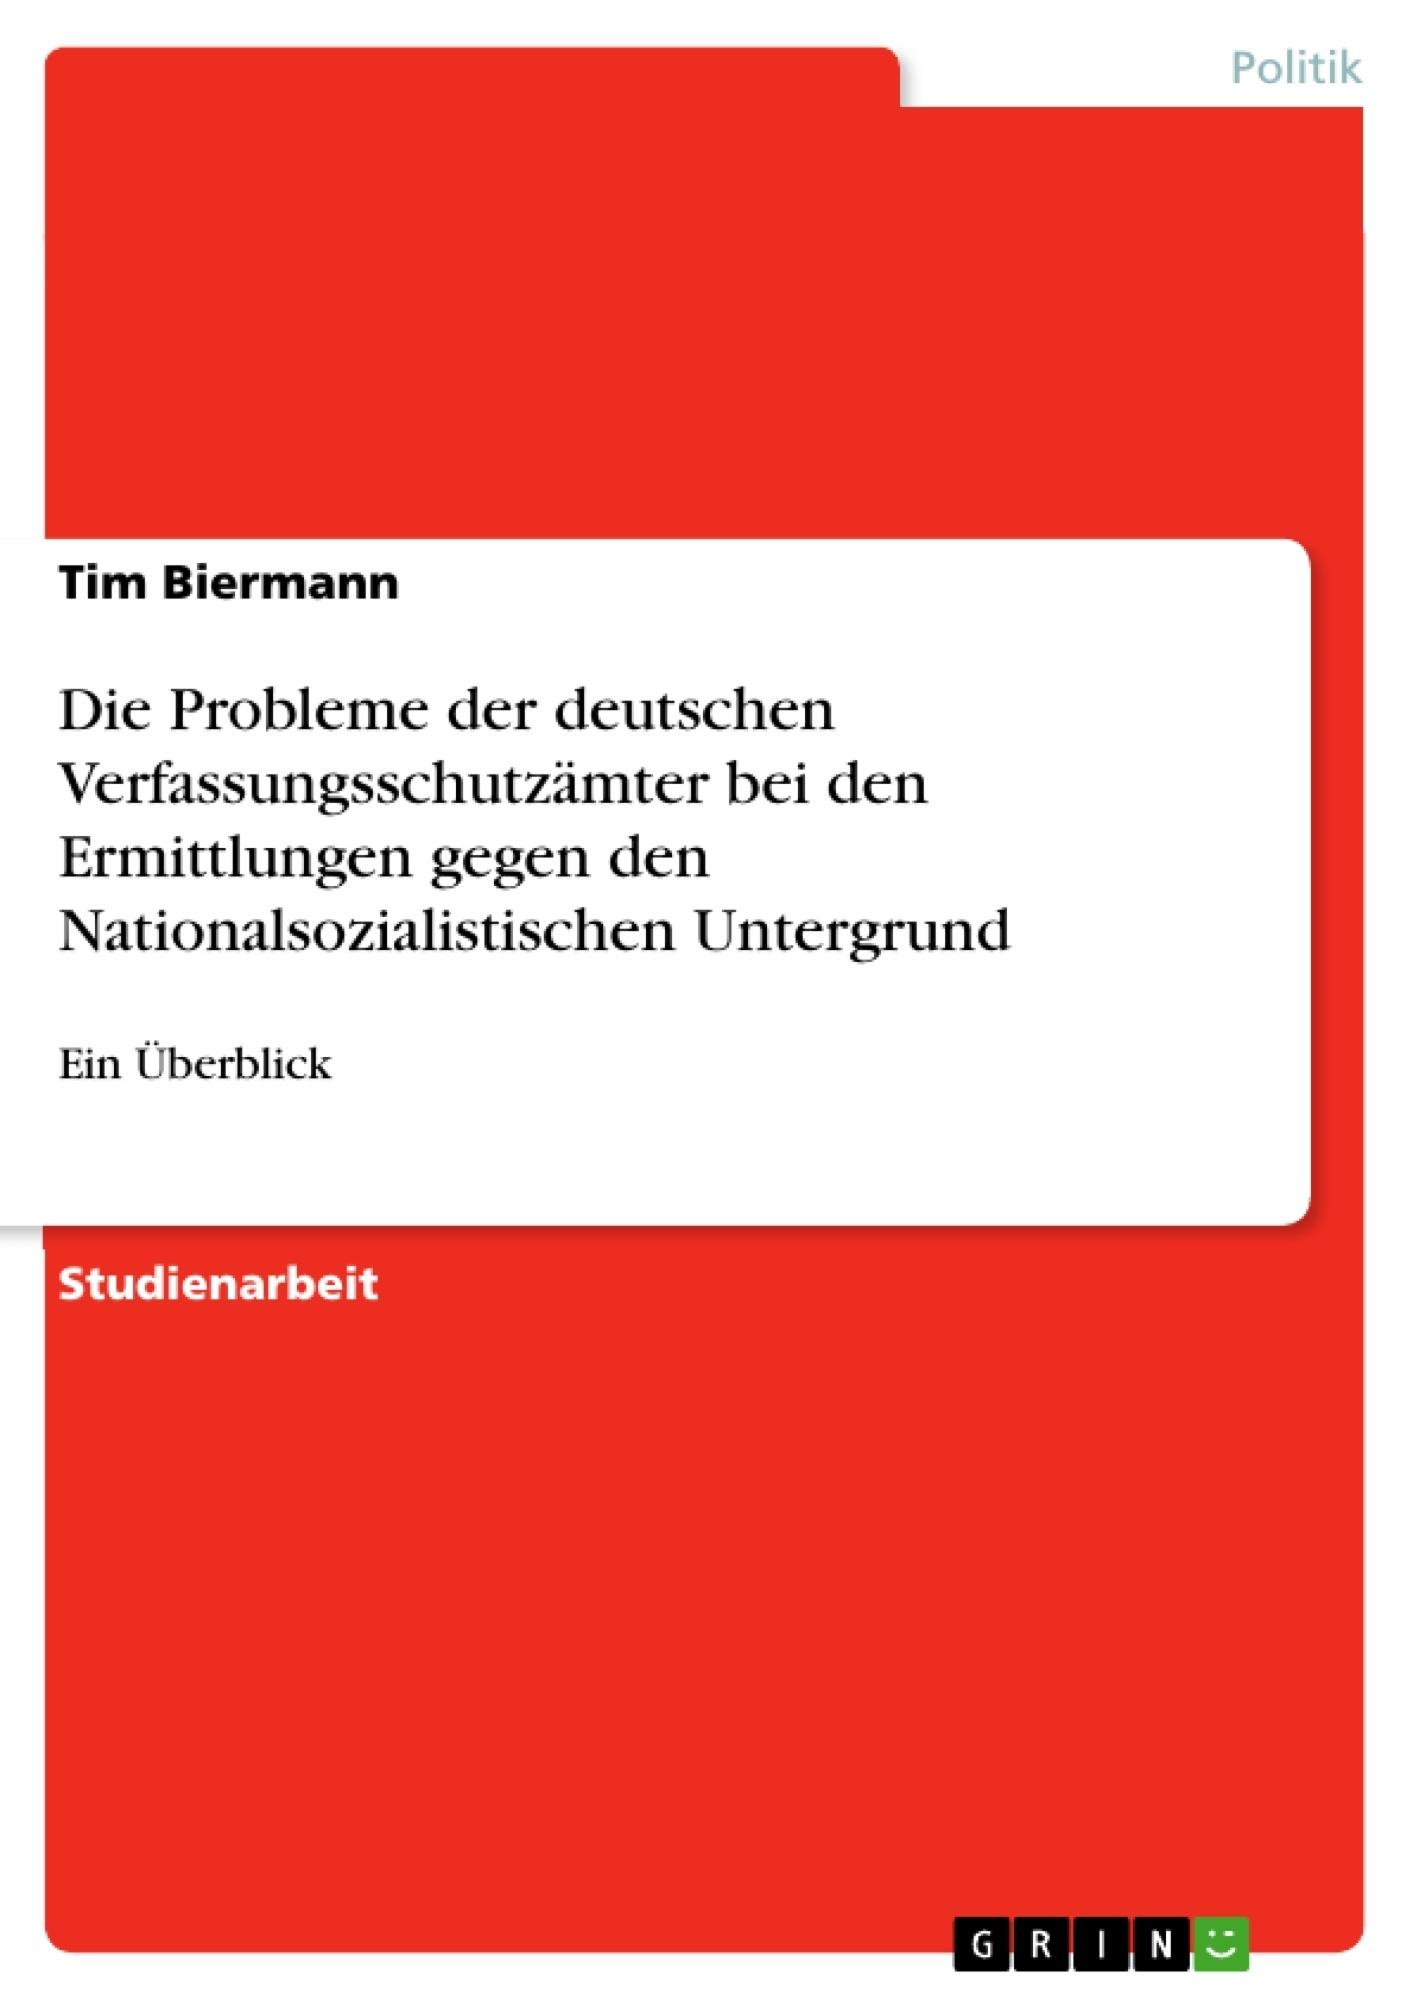 Titel: Die Probleme der deutschen Verfassungsschutzämter bei den Ermittlungen gegen den Nationalsozialistischen Untergrund